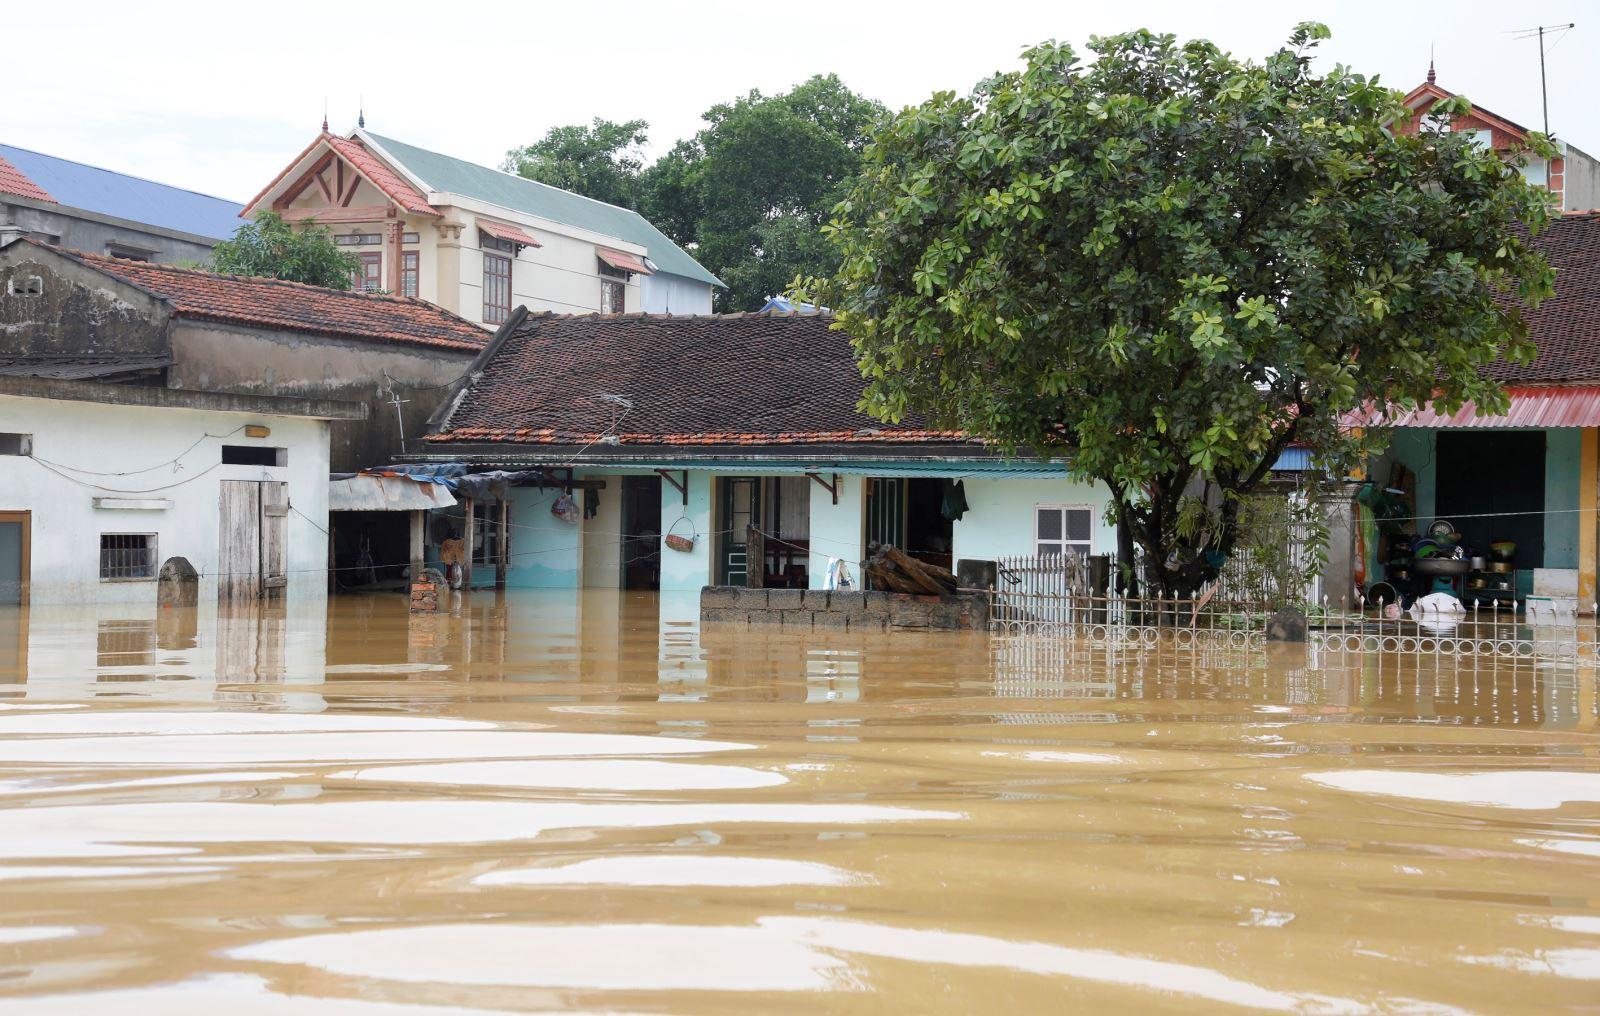 Hàng loạt hồ thủy điện xả lũ có ảnh hưởng đến vùng ngập lụt Chương Mỹ, Hà Nội?